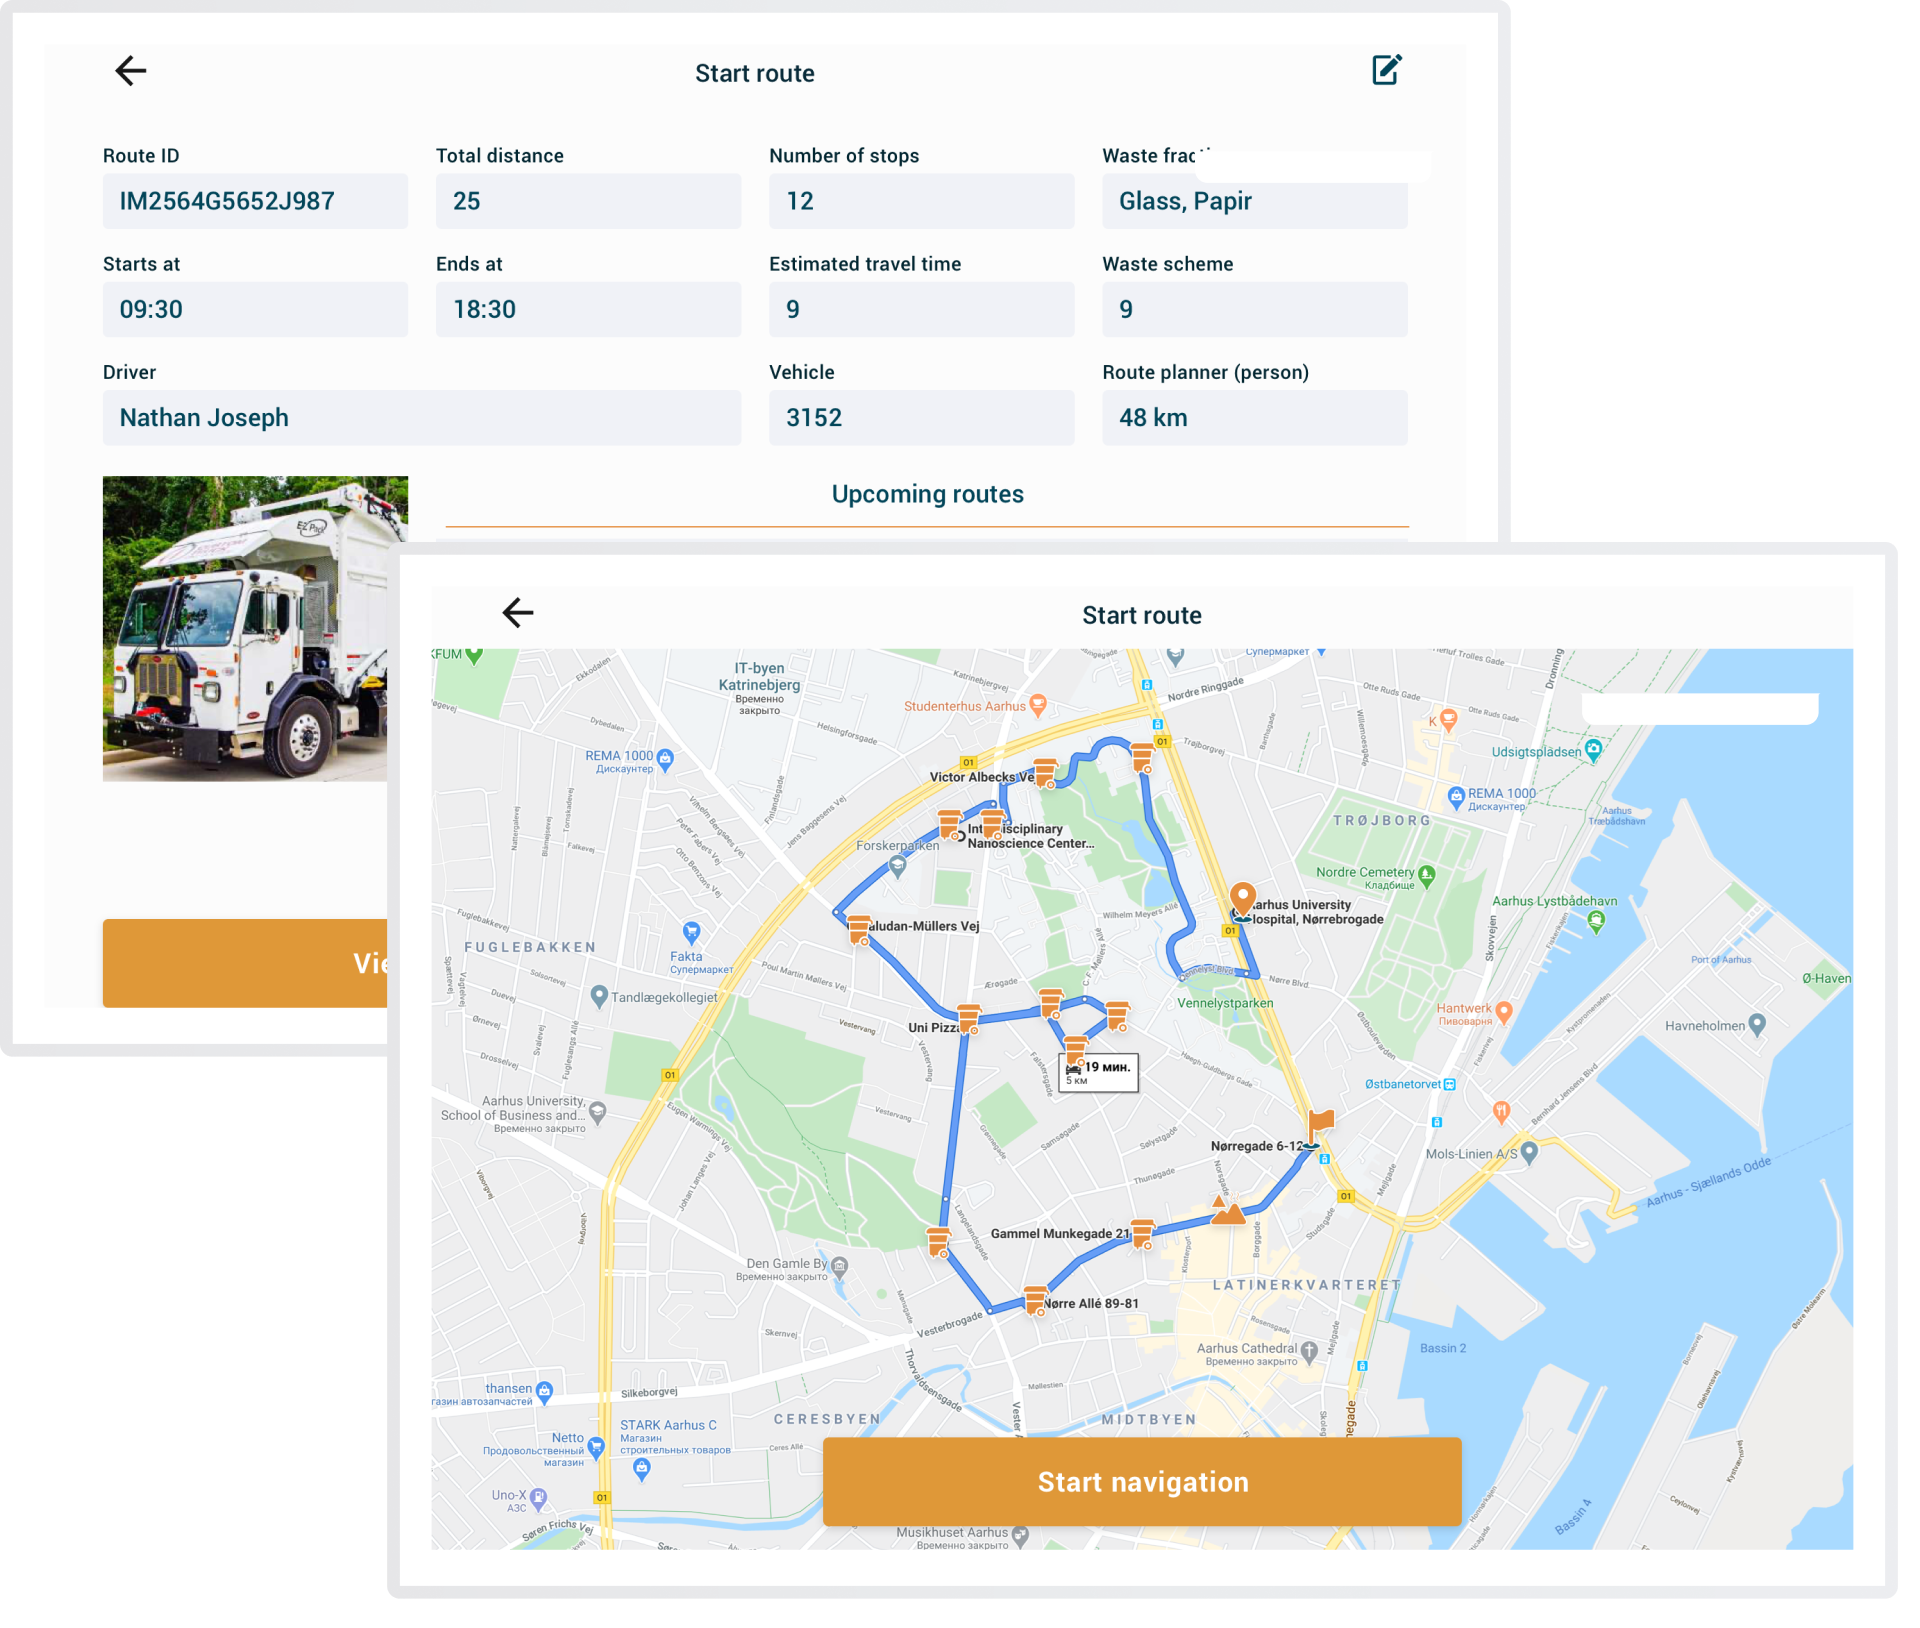 Efficient route planner